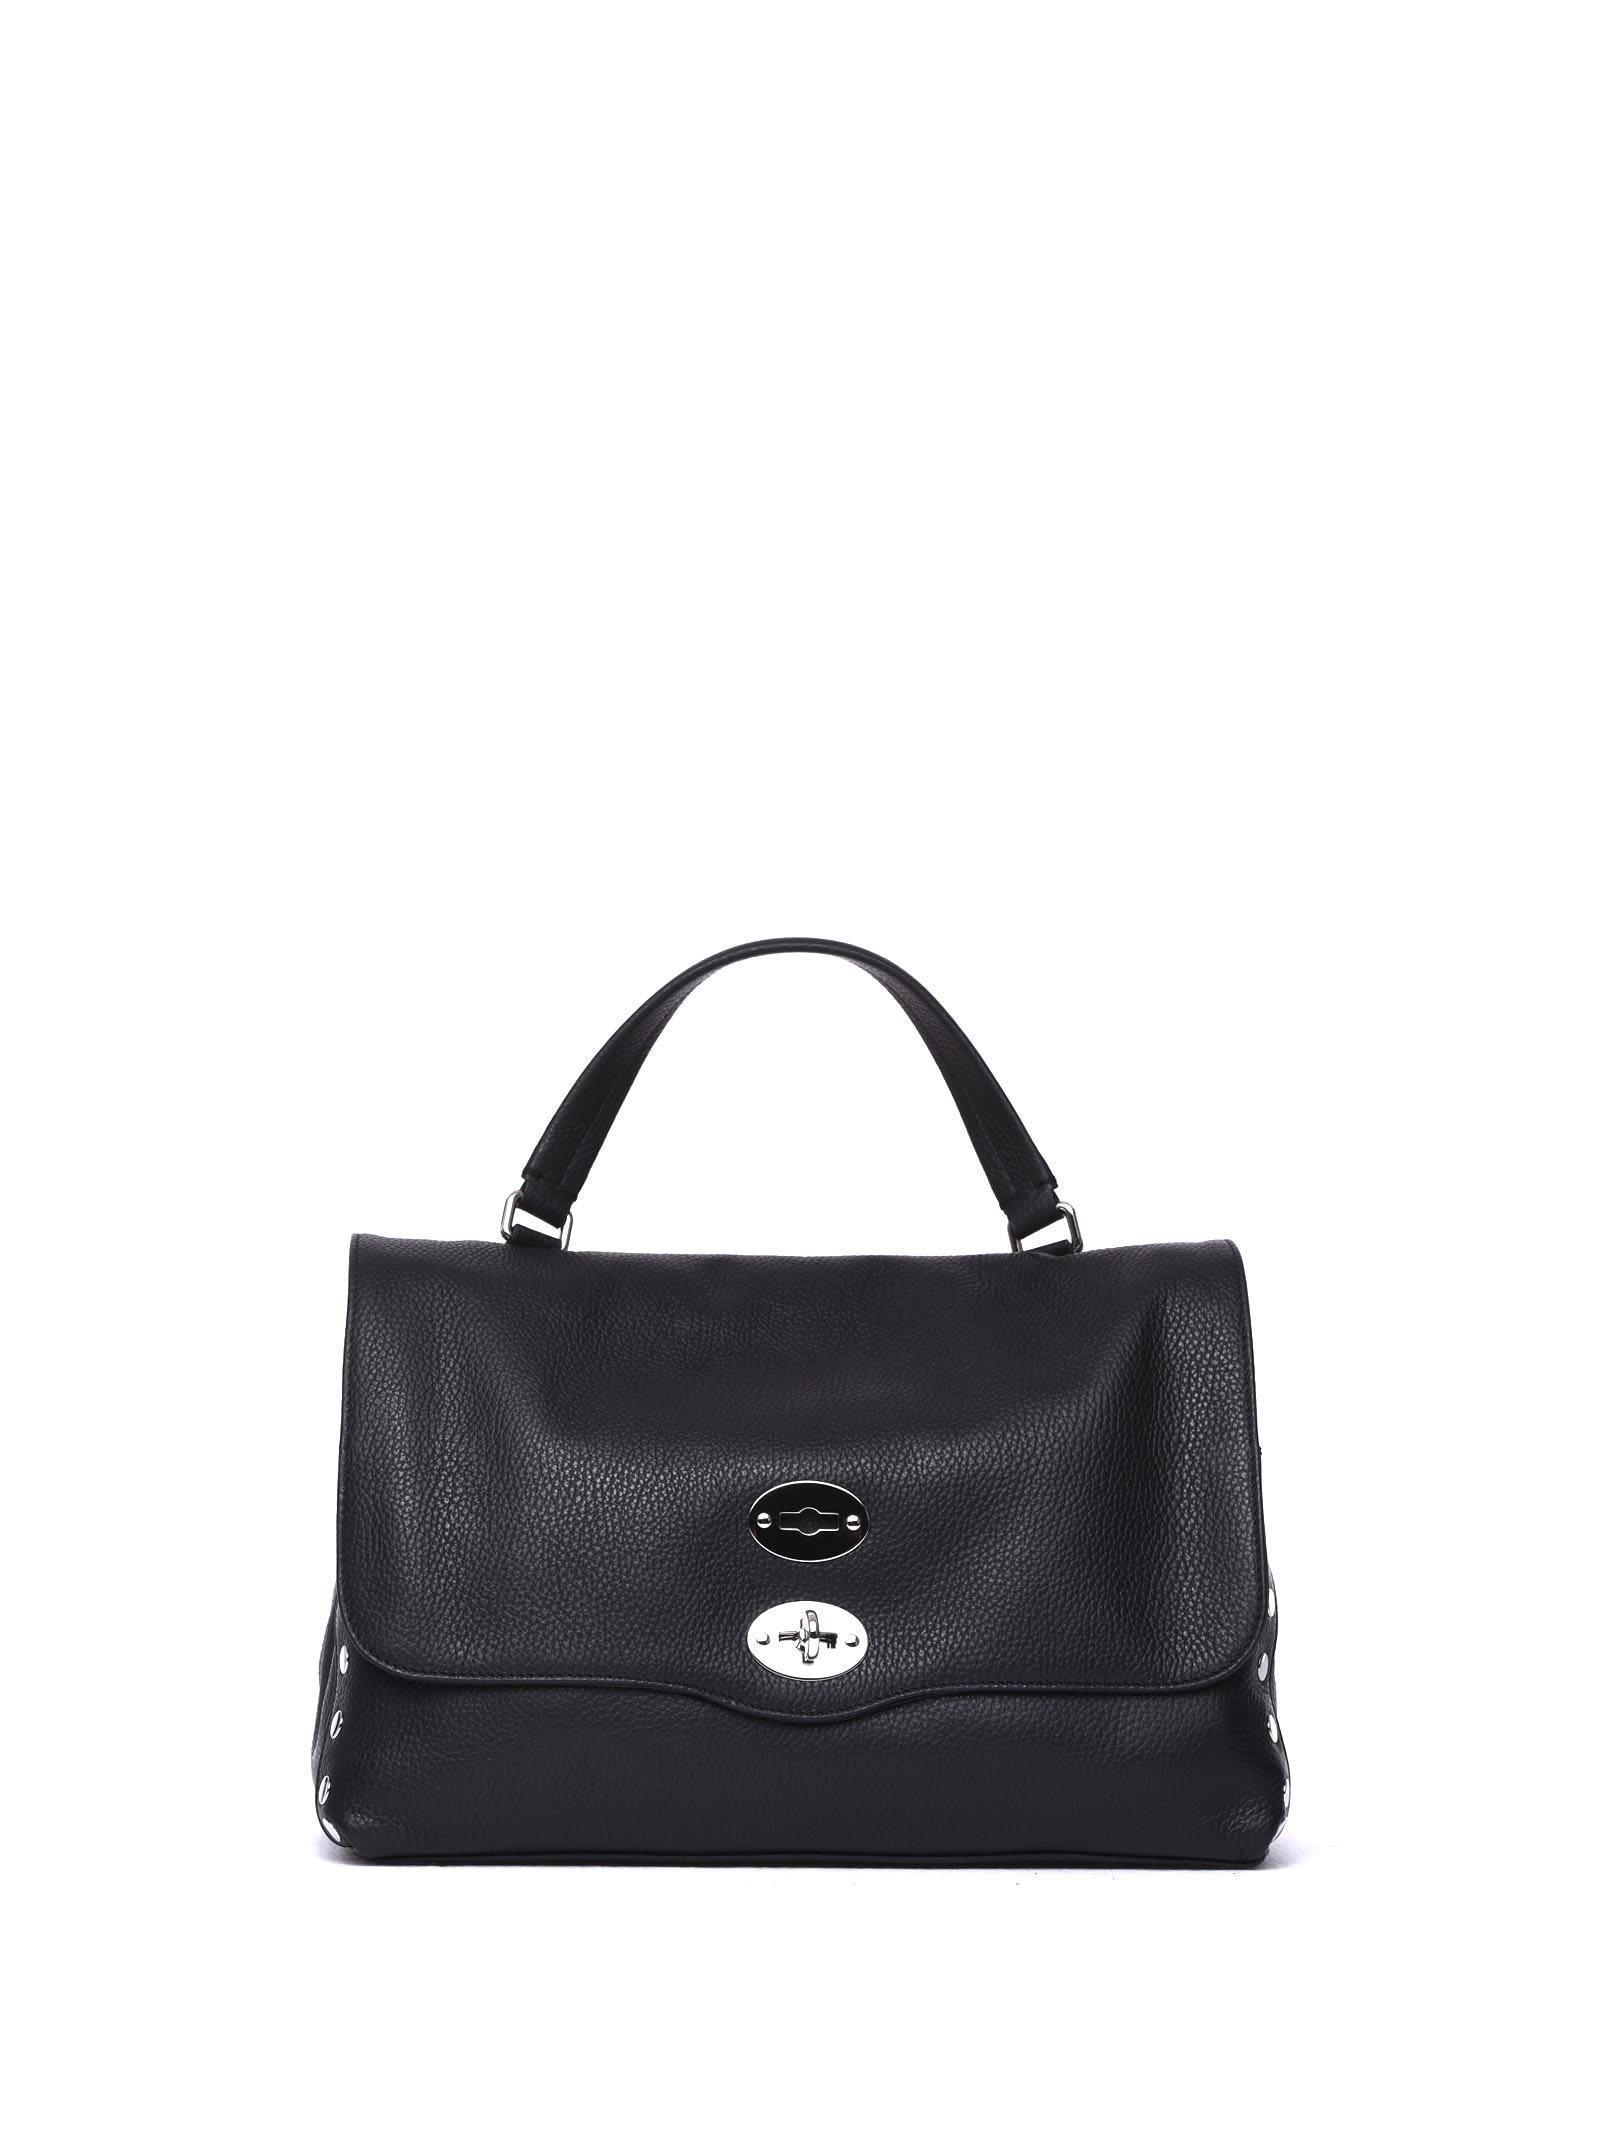 Zanellato Postina M Daily Black Bag In Nero